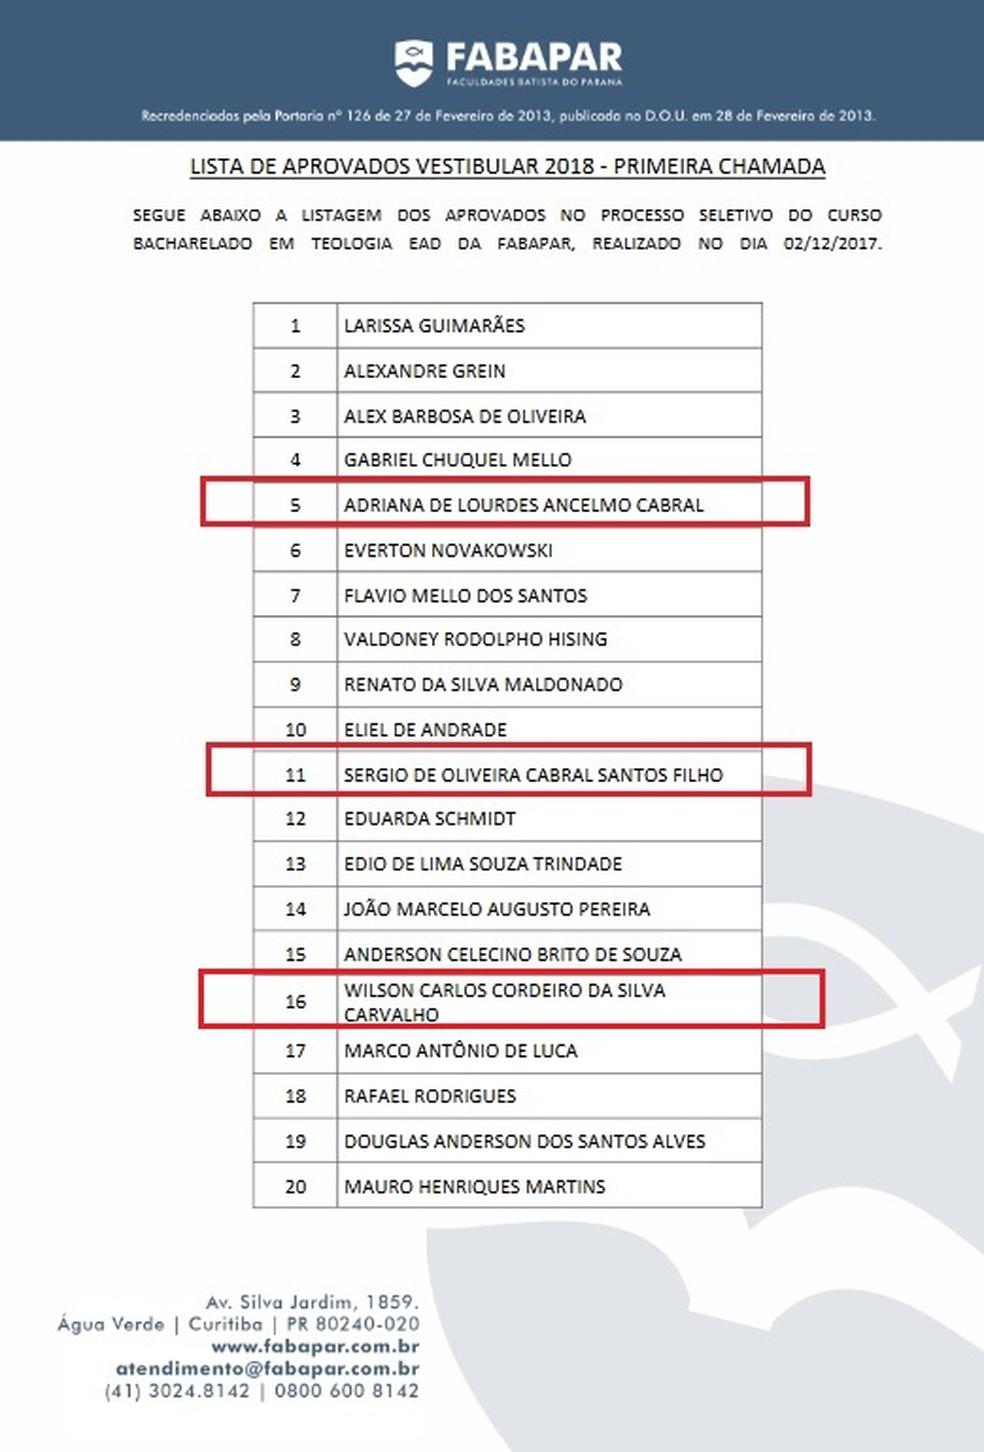 Nomes de Adriana Ancelmo, Sérgio Cabral e Wilson Carvalho aparecem na lista de aprovados do vestibular da Fabapar (Foto: Reprodução)